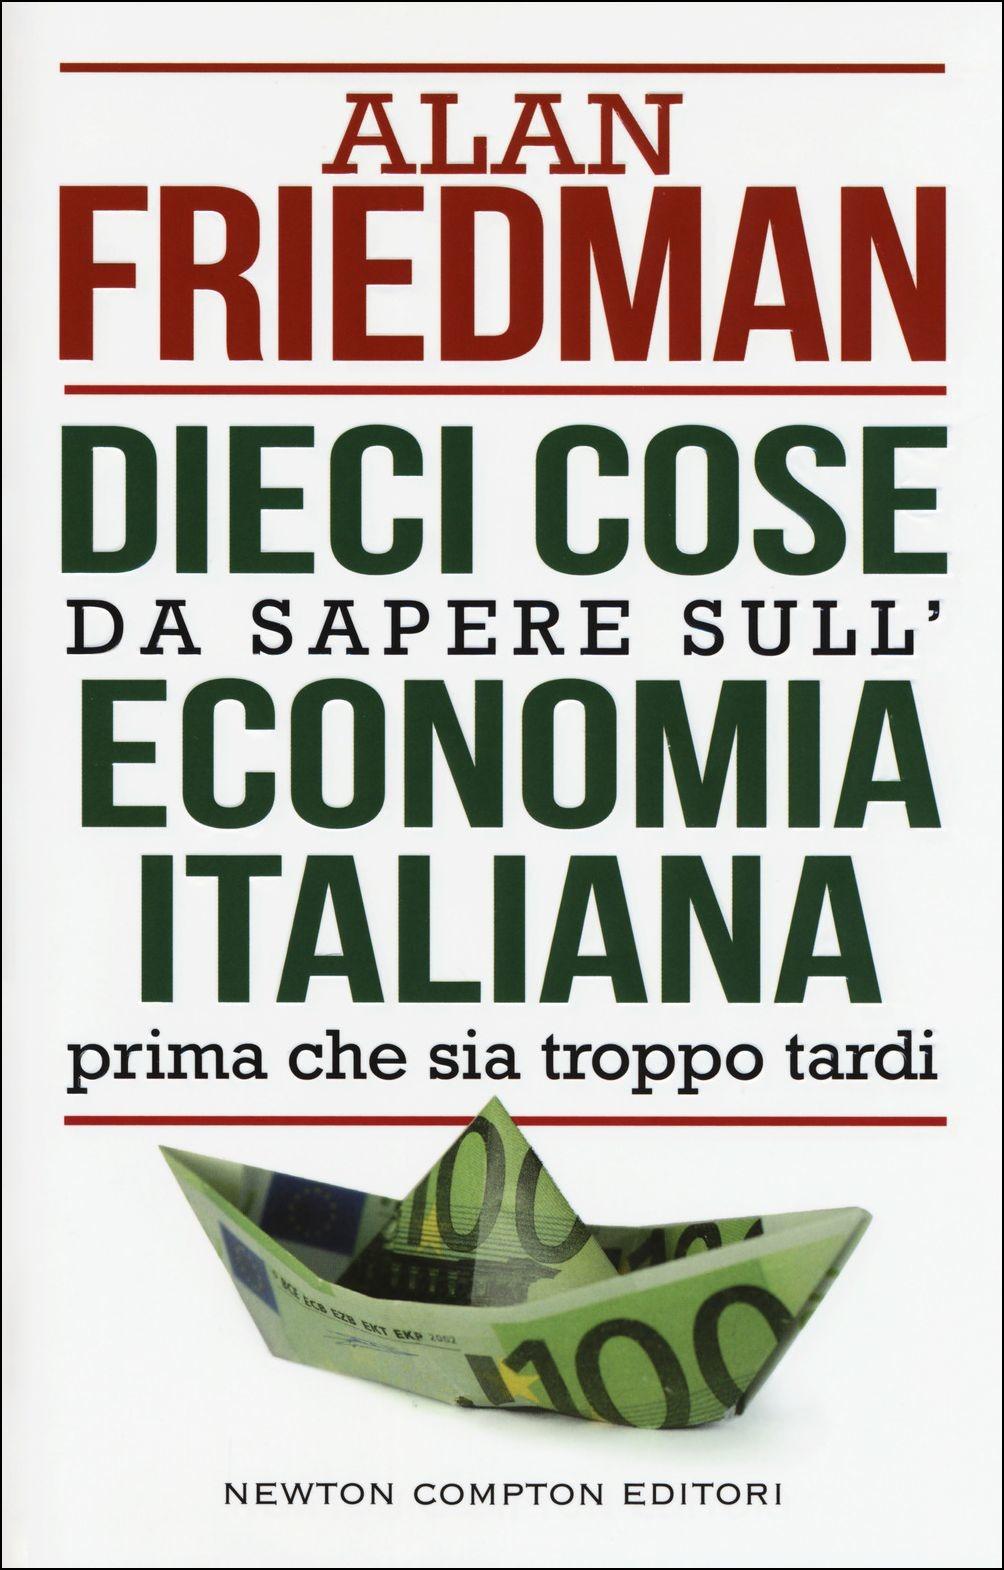 Dieci Cose da sapere sulleconomia italian - Dieci cose da sapere sull'economia italiana, prima che ...